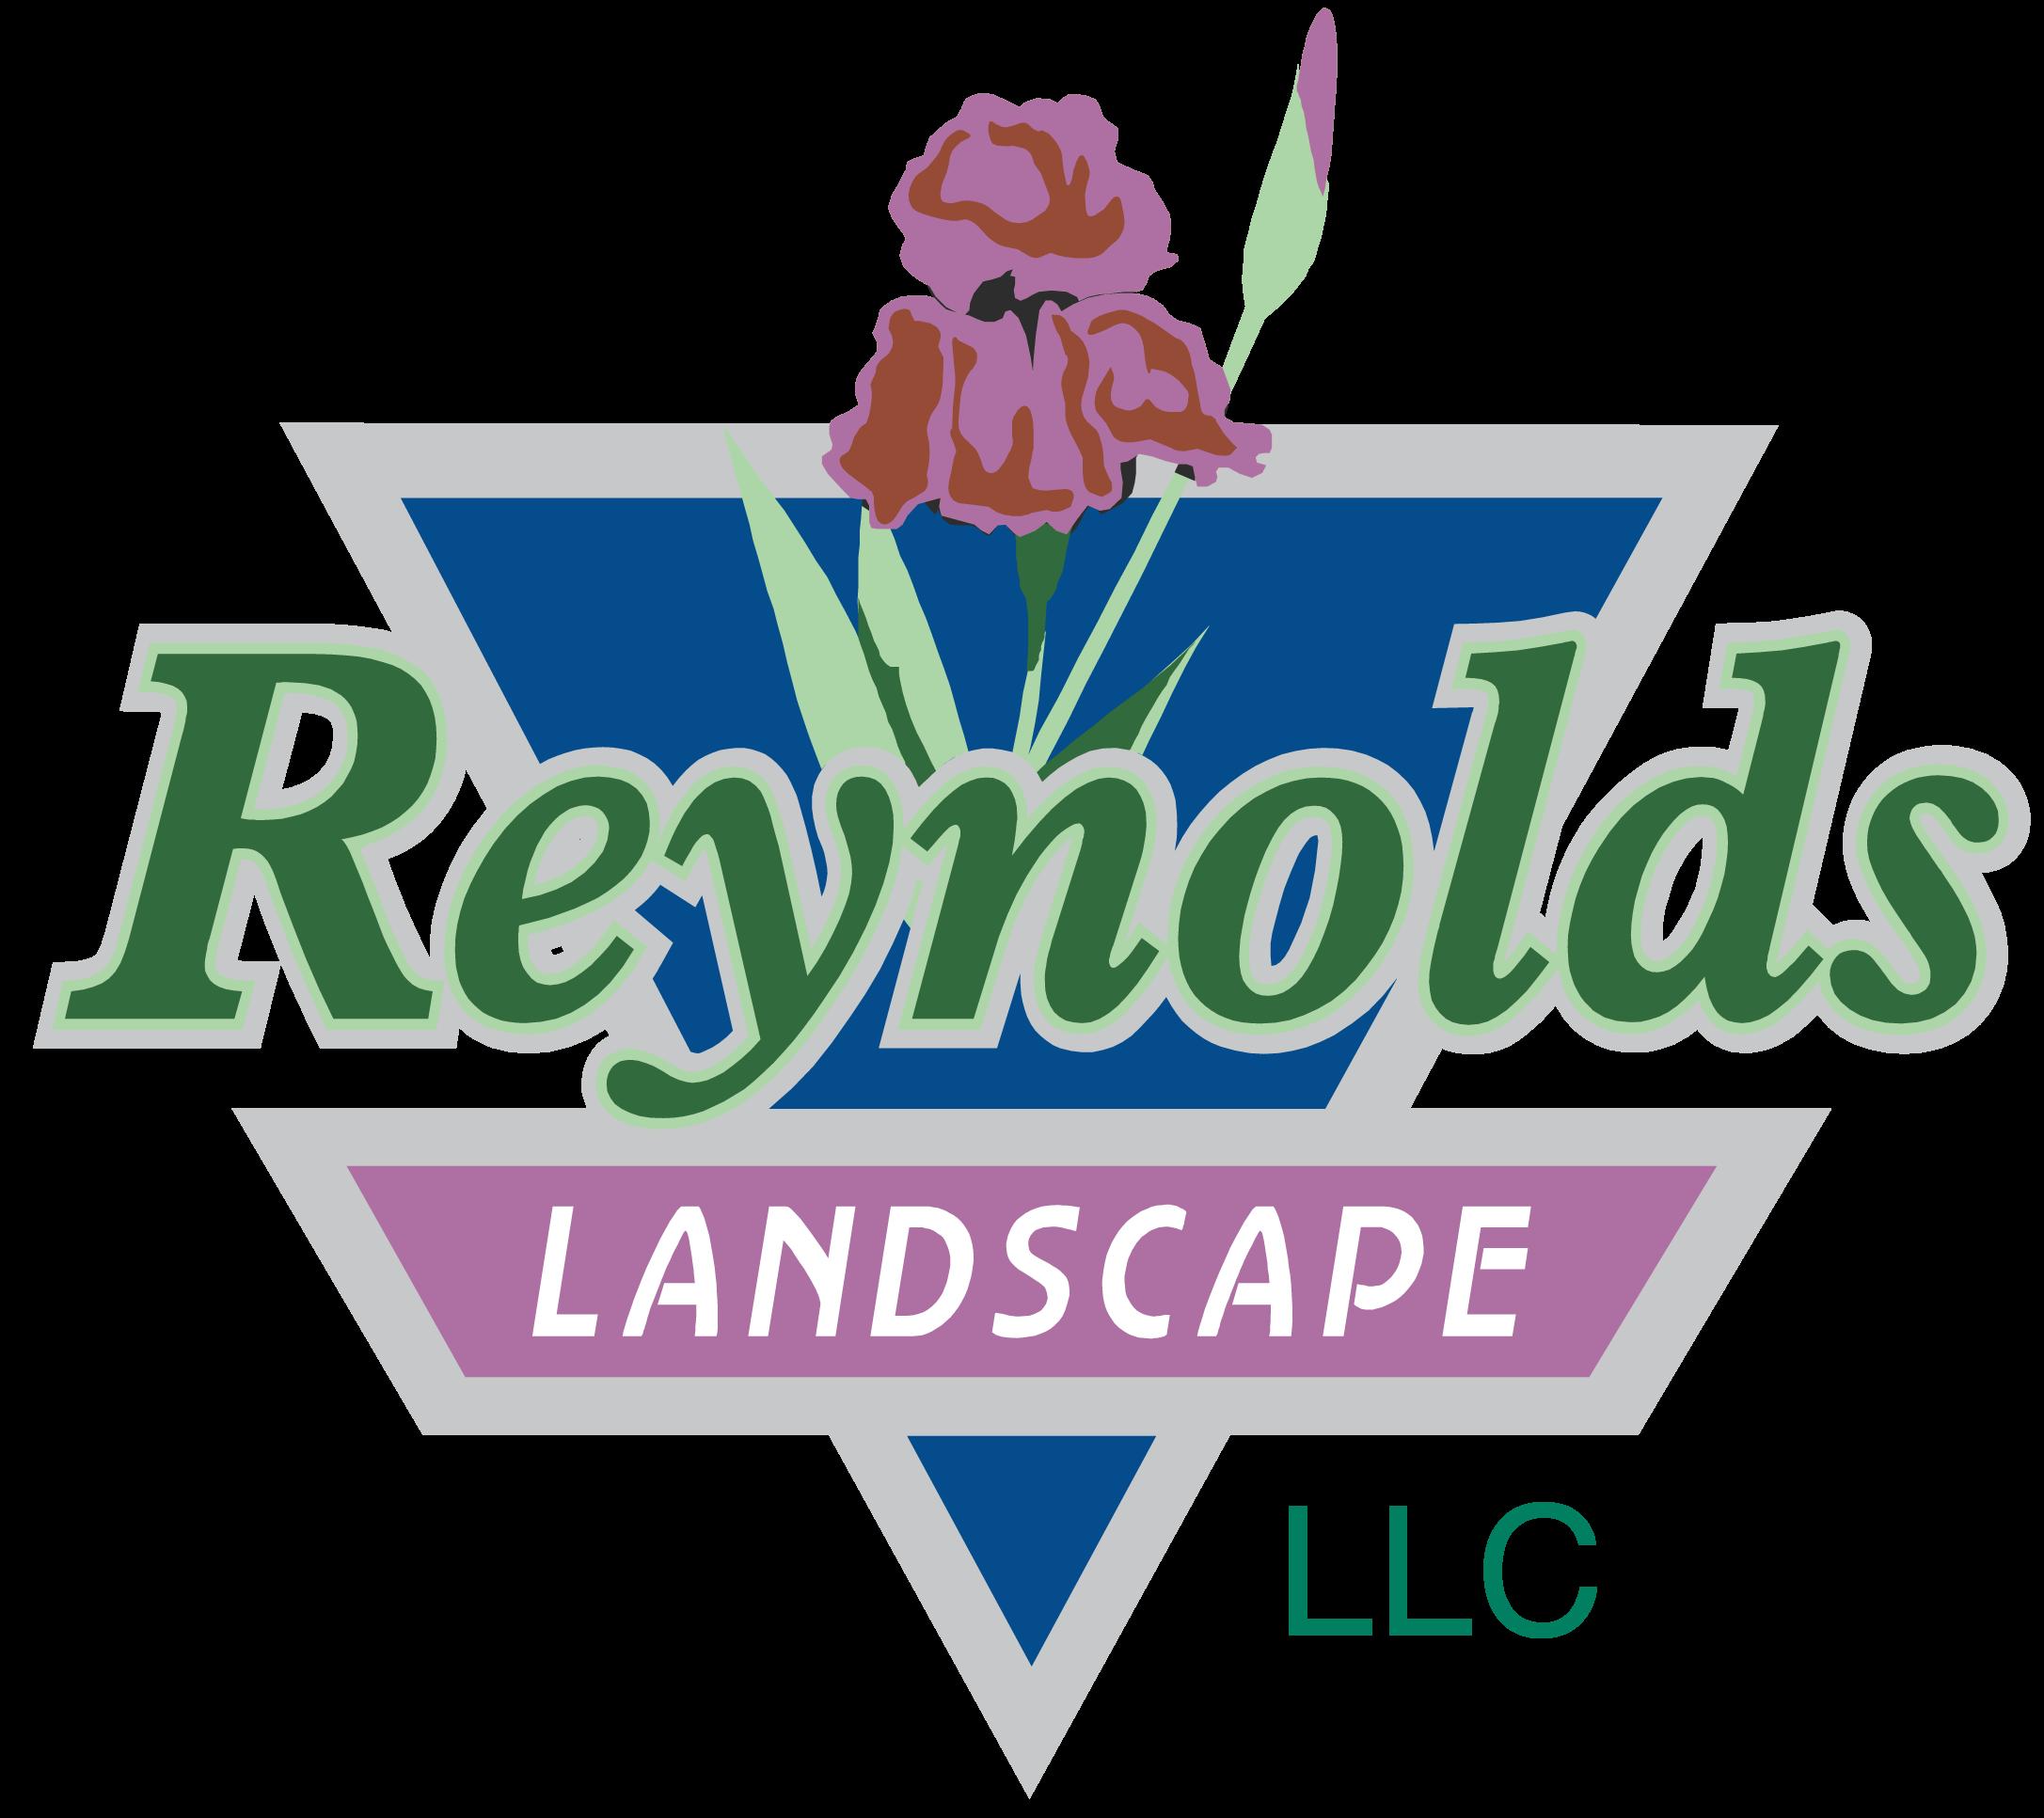 Reynolds-optimized-logo.png